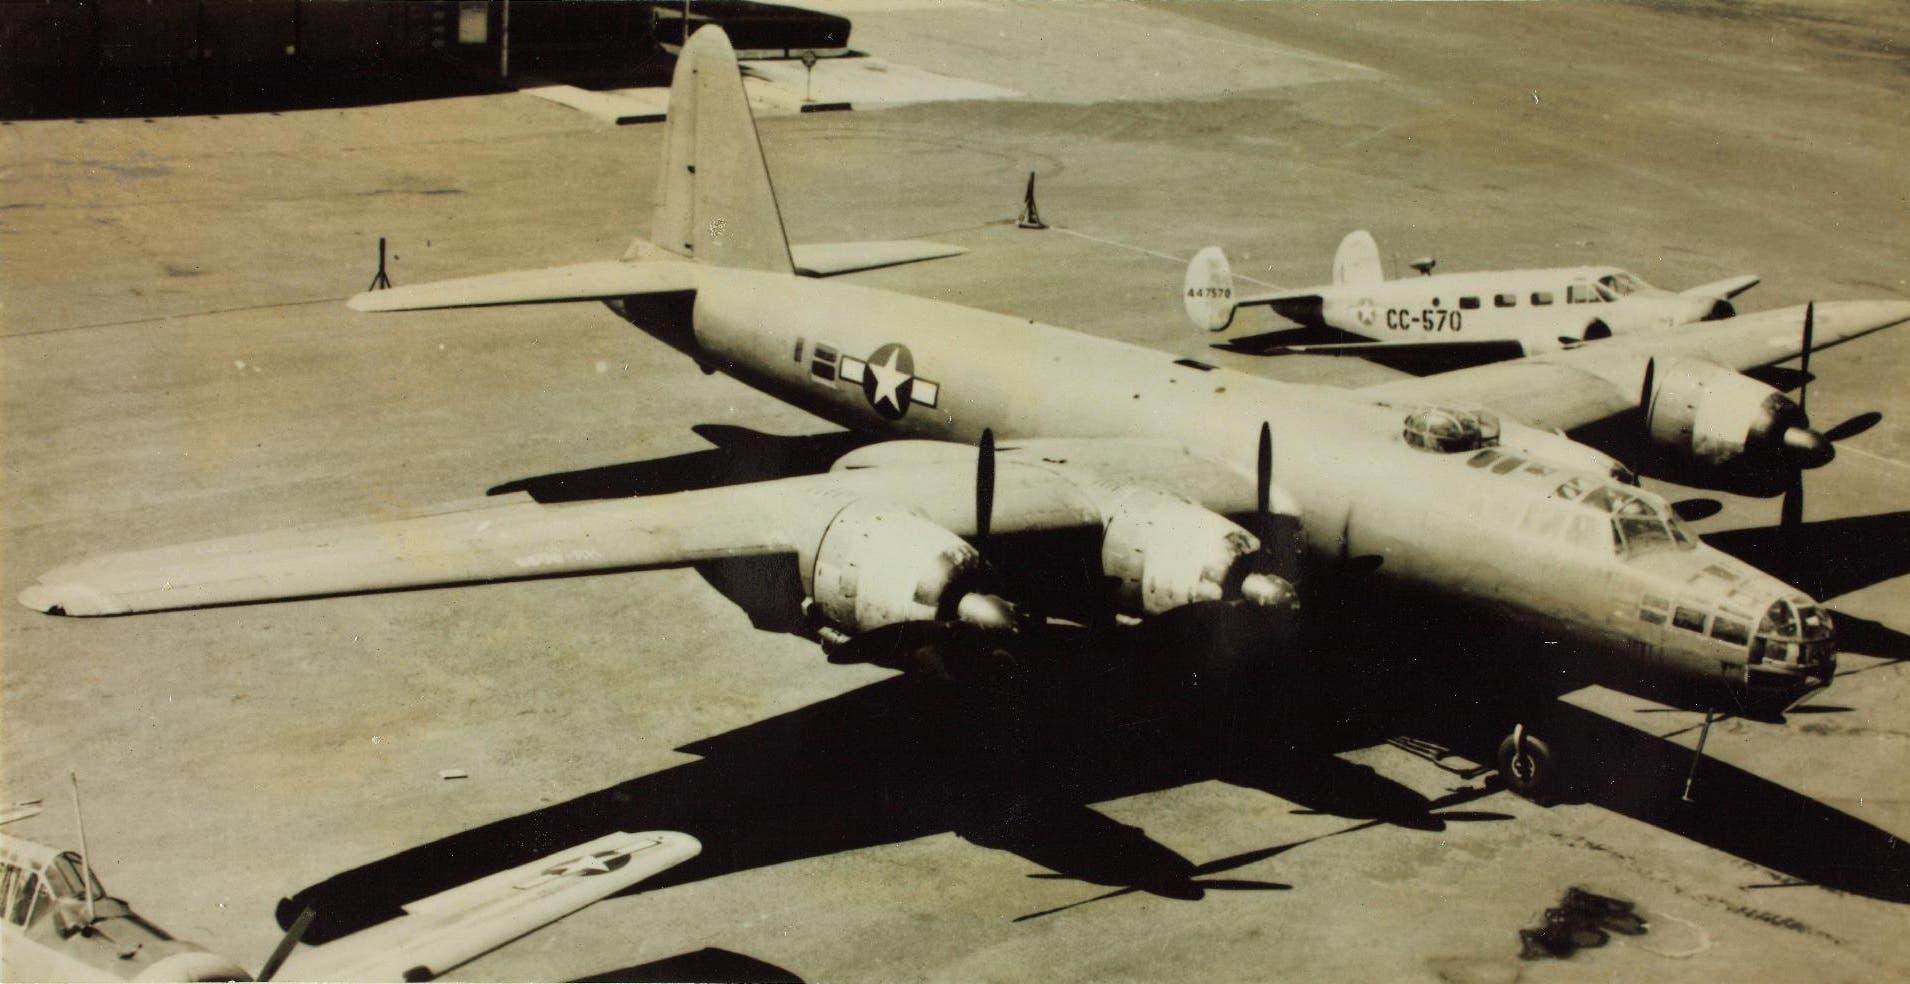 صورة لقاذفة قنابل ناكاجيما استولت عليها الولايات المتحدة الأميركية عقب الحرب العالمية